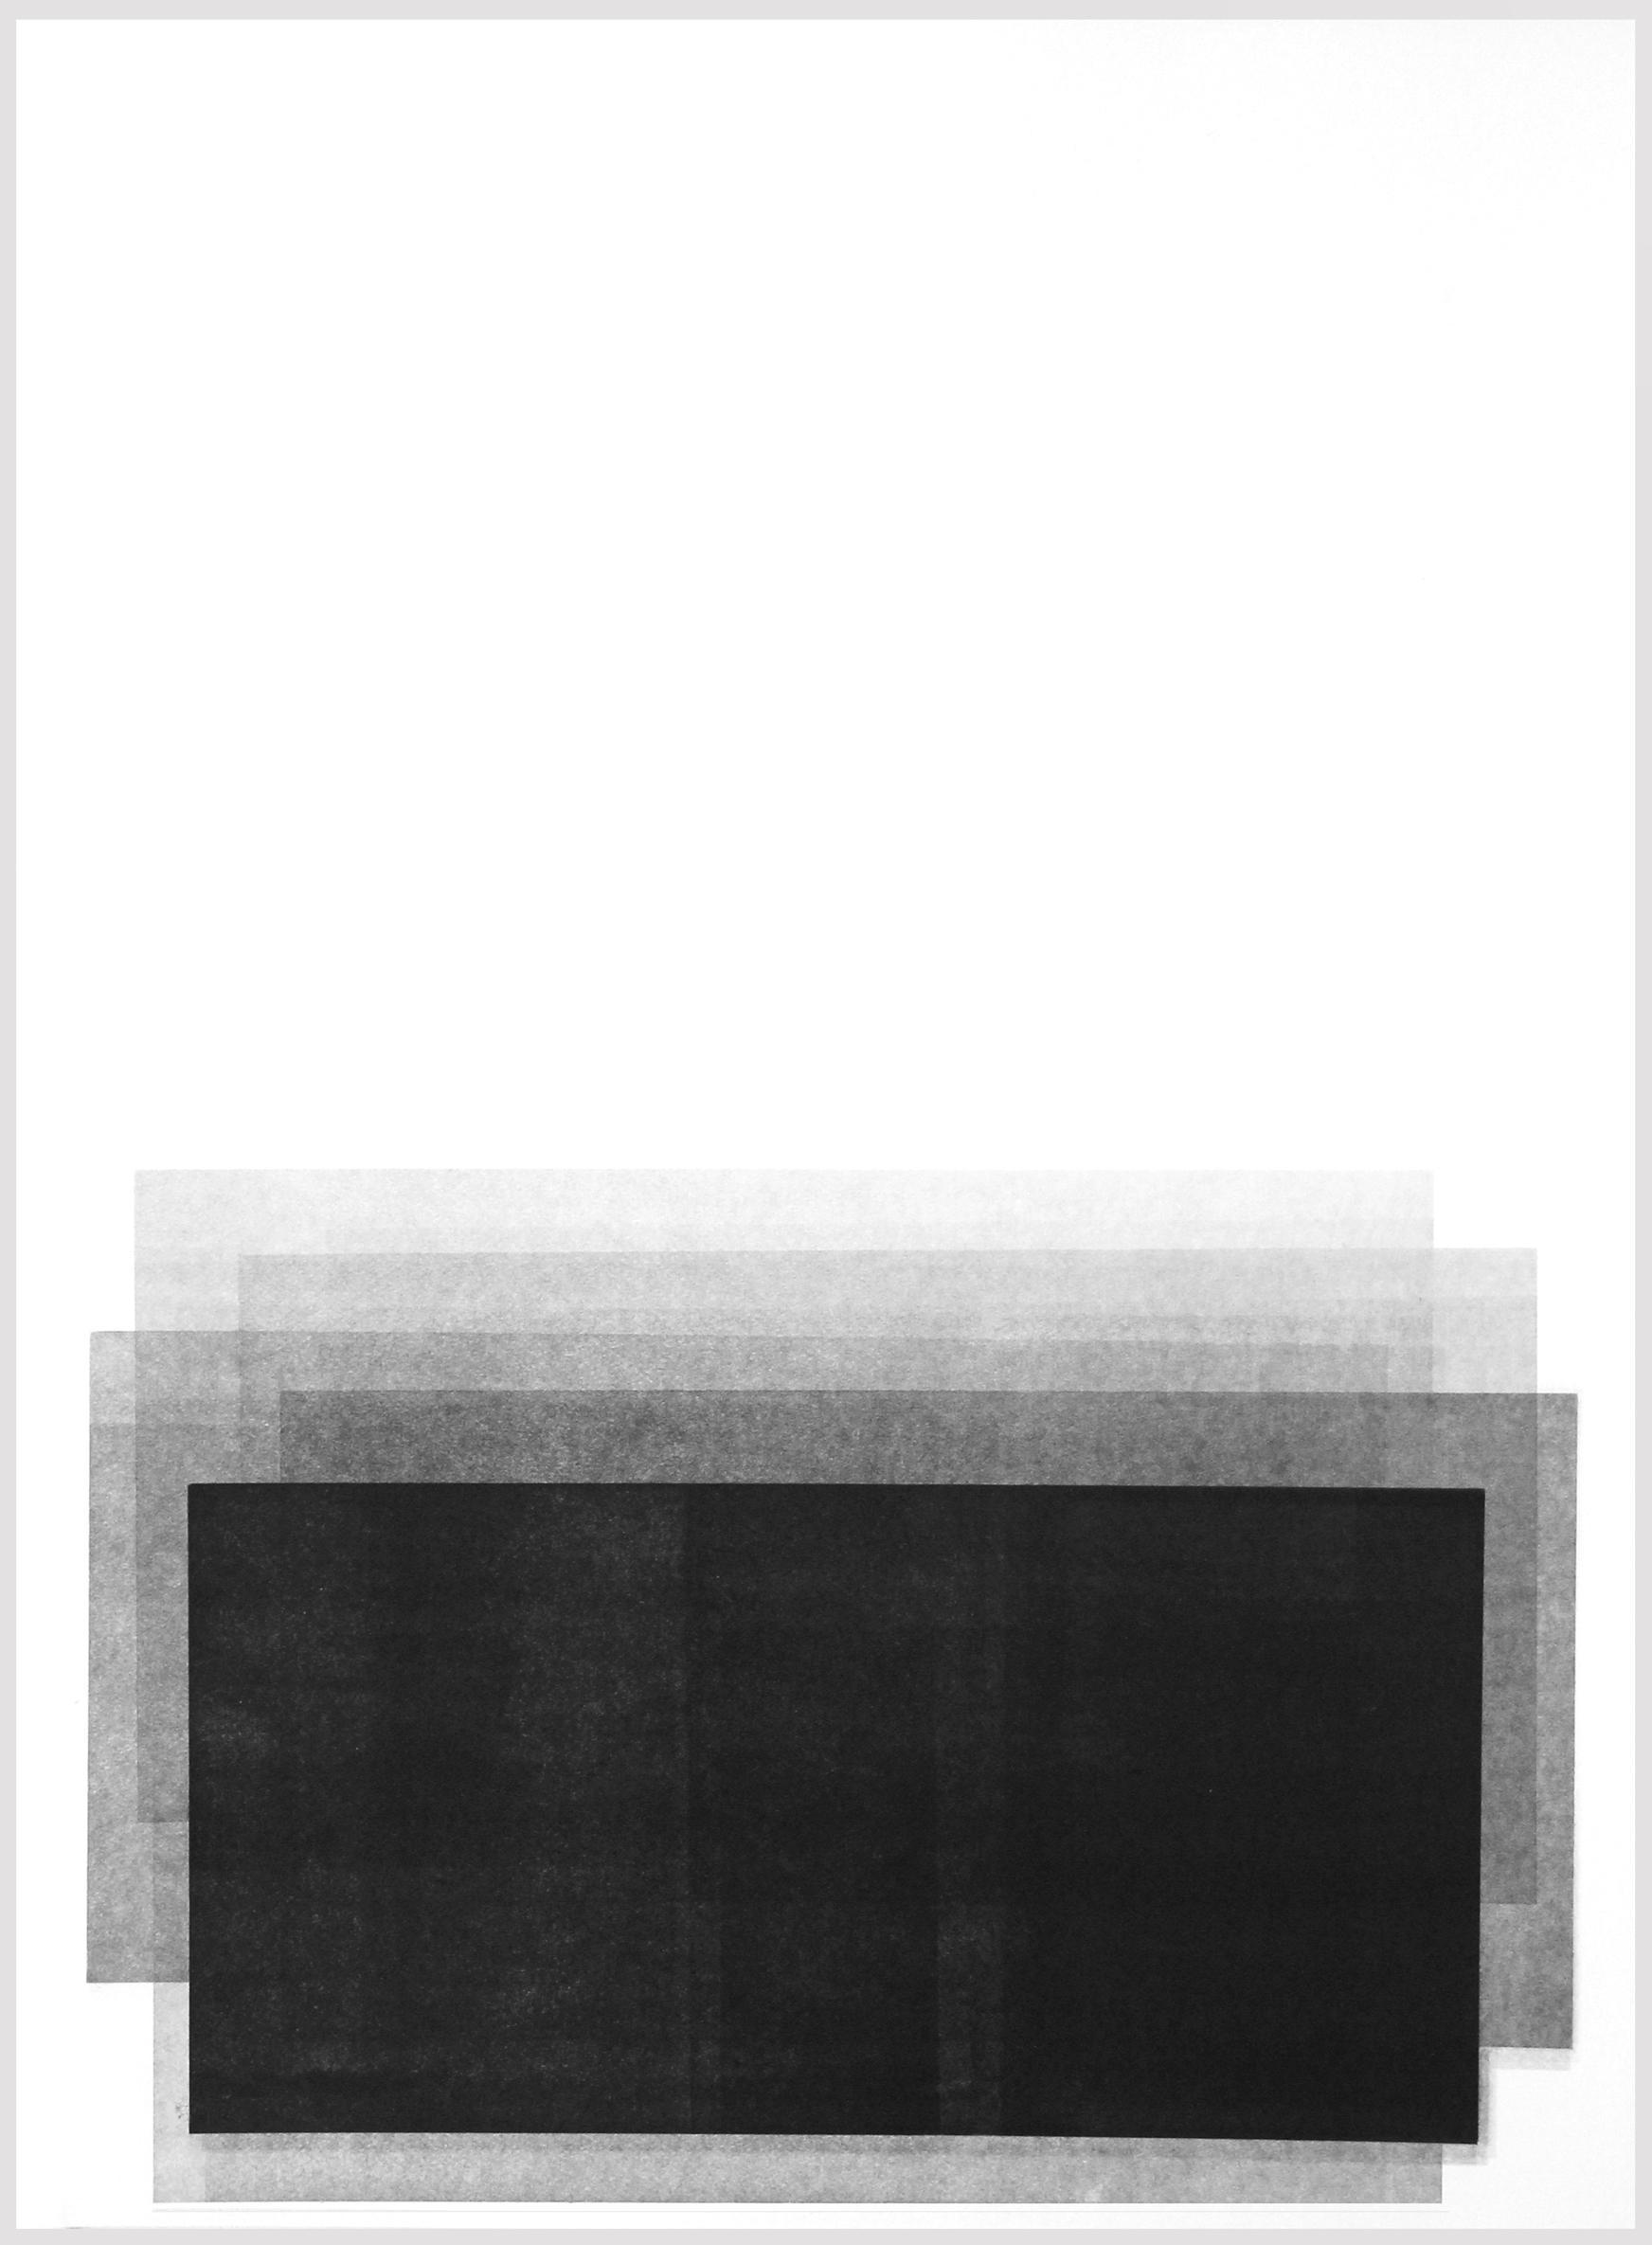 Time A  nd C  hange  (  III), 2015